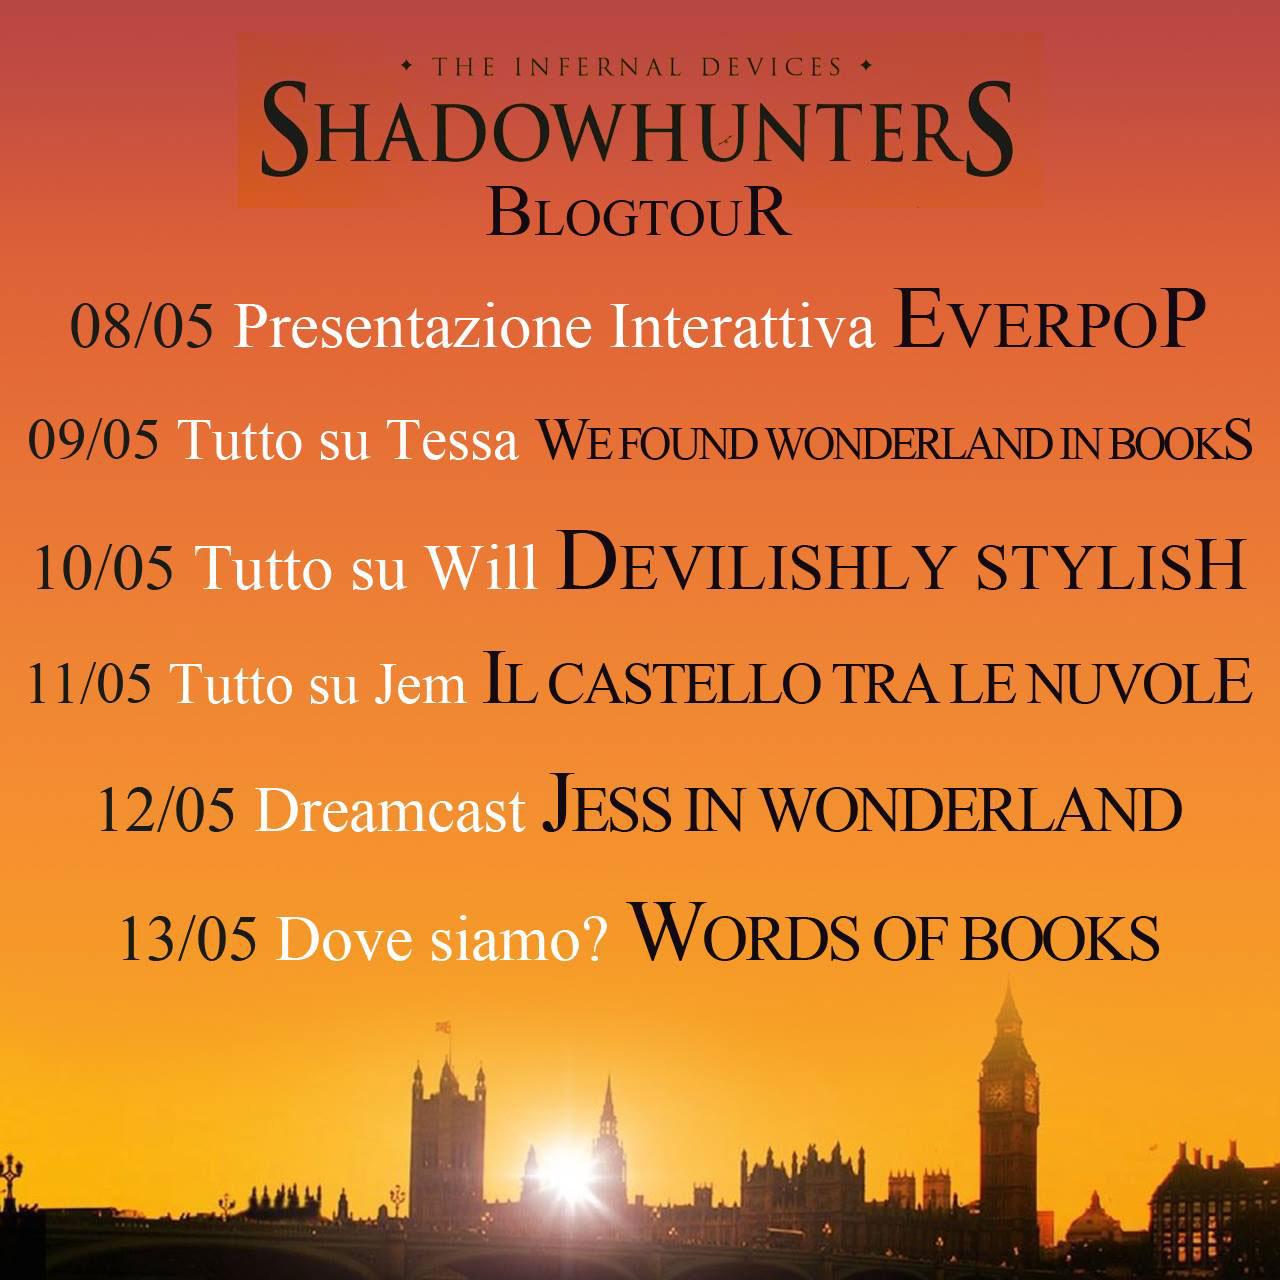 Calendario Shadowhunters